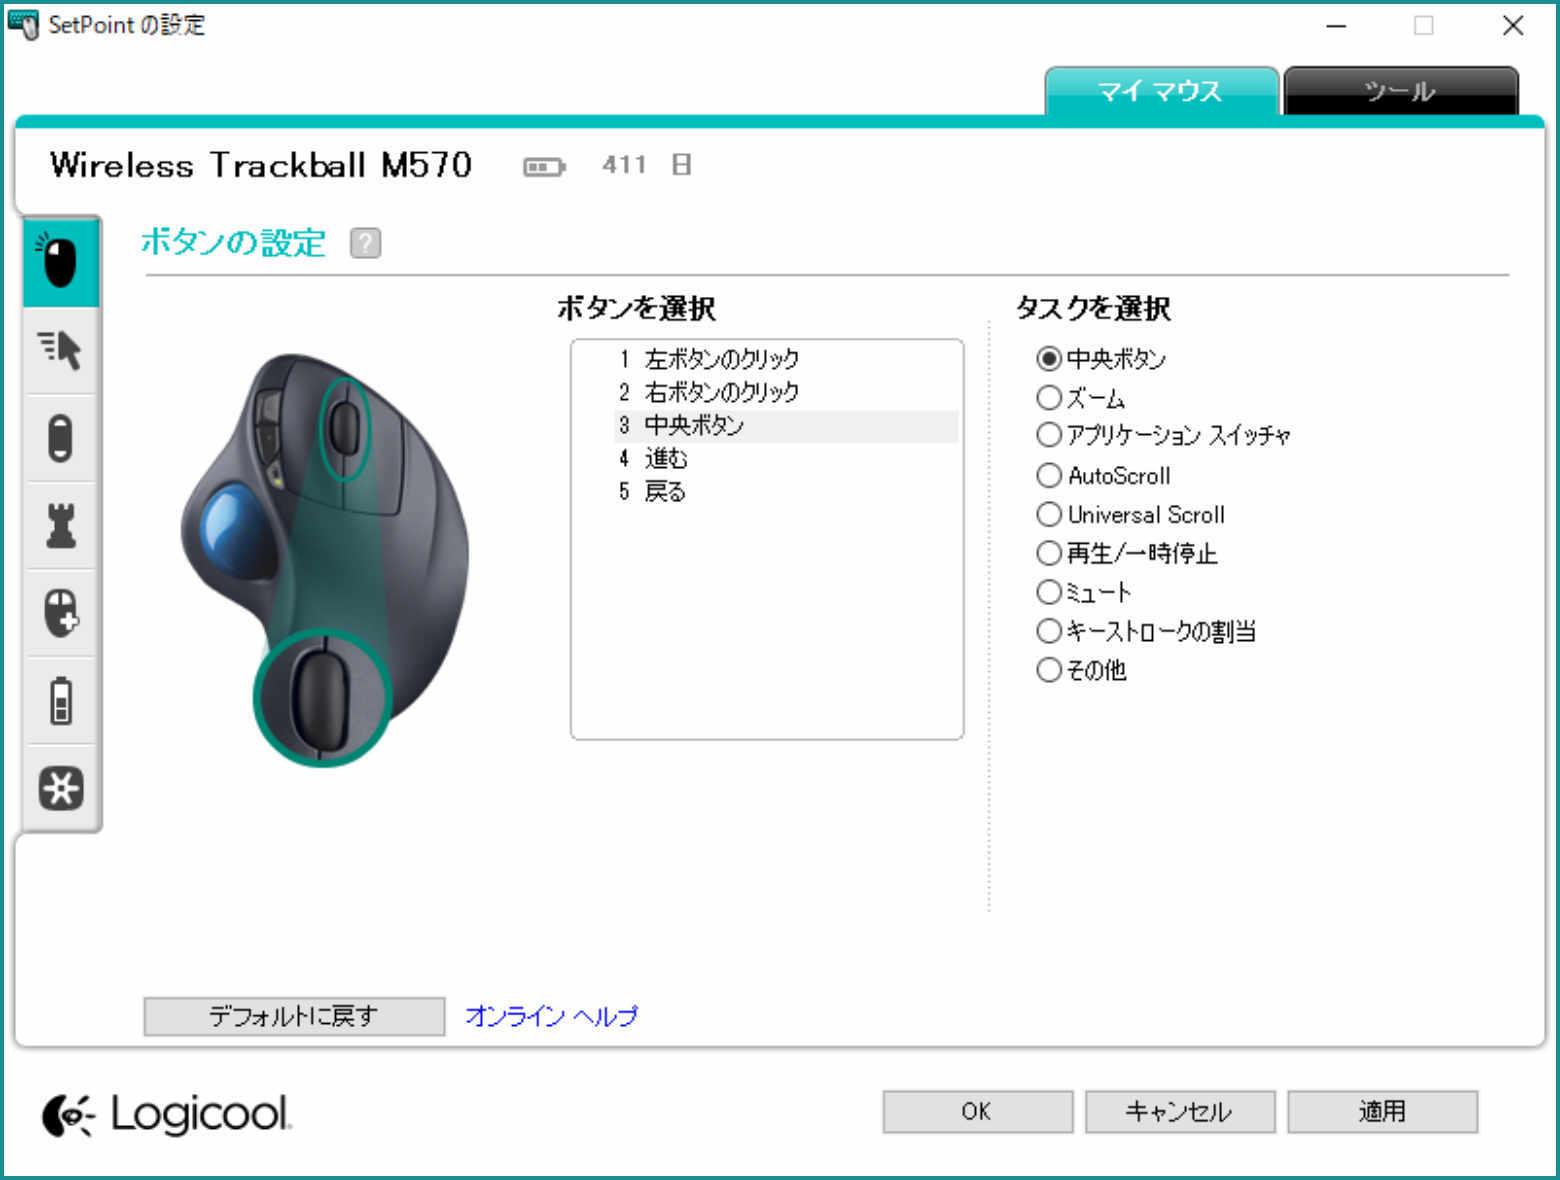 トラックボールマウス「M570t 」